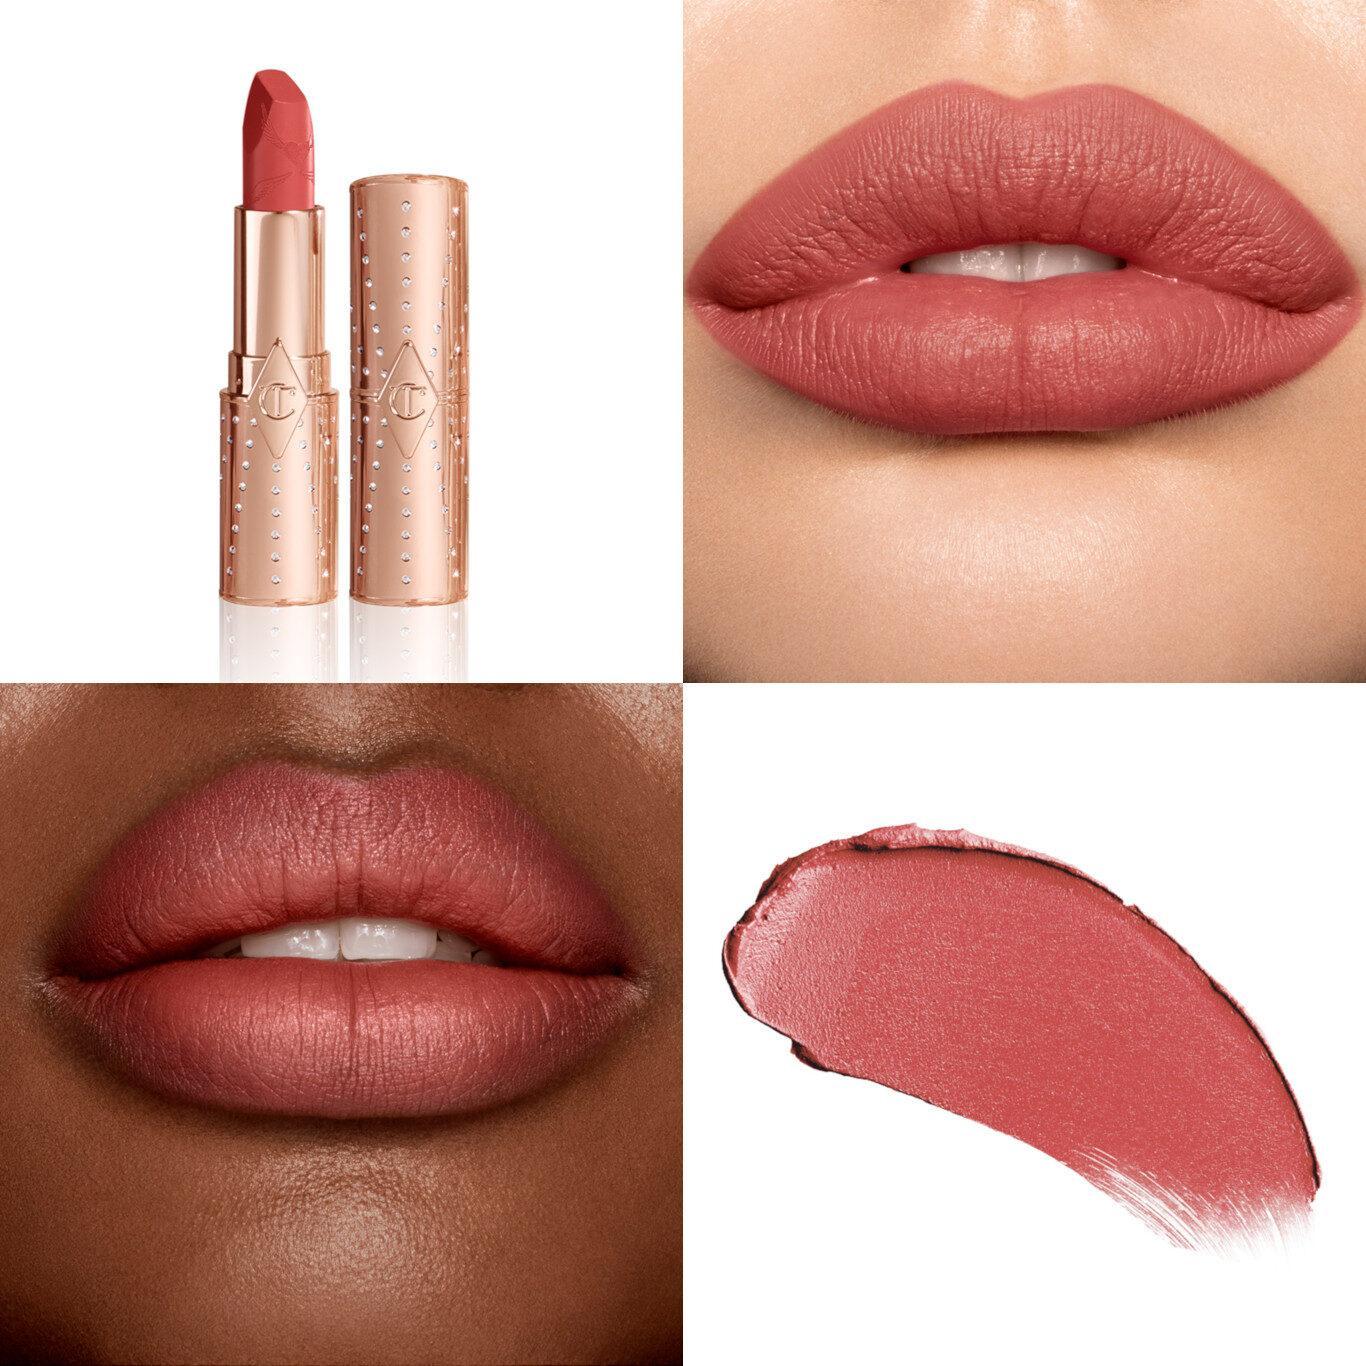 Charlotte Tilbury Look Of Love Lipstick in Mrs Kisses